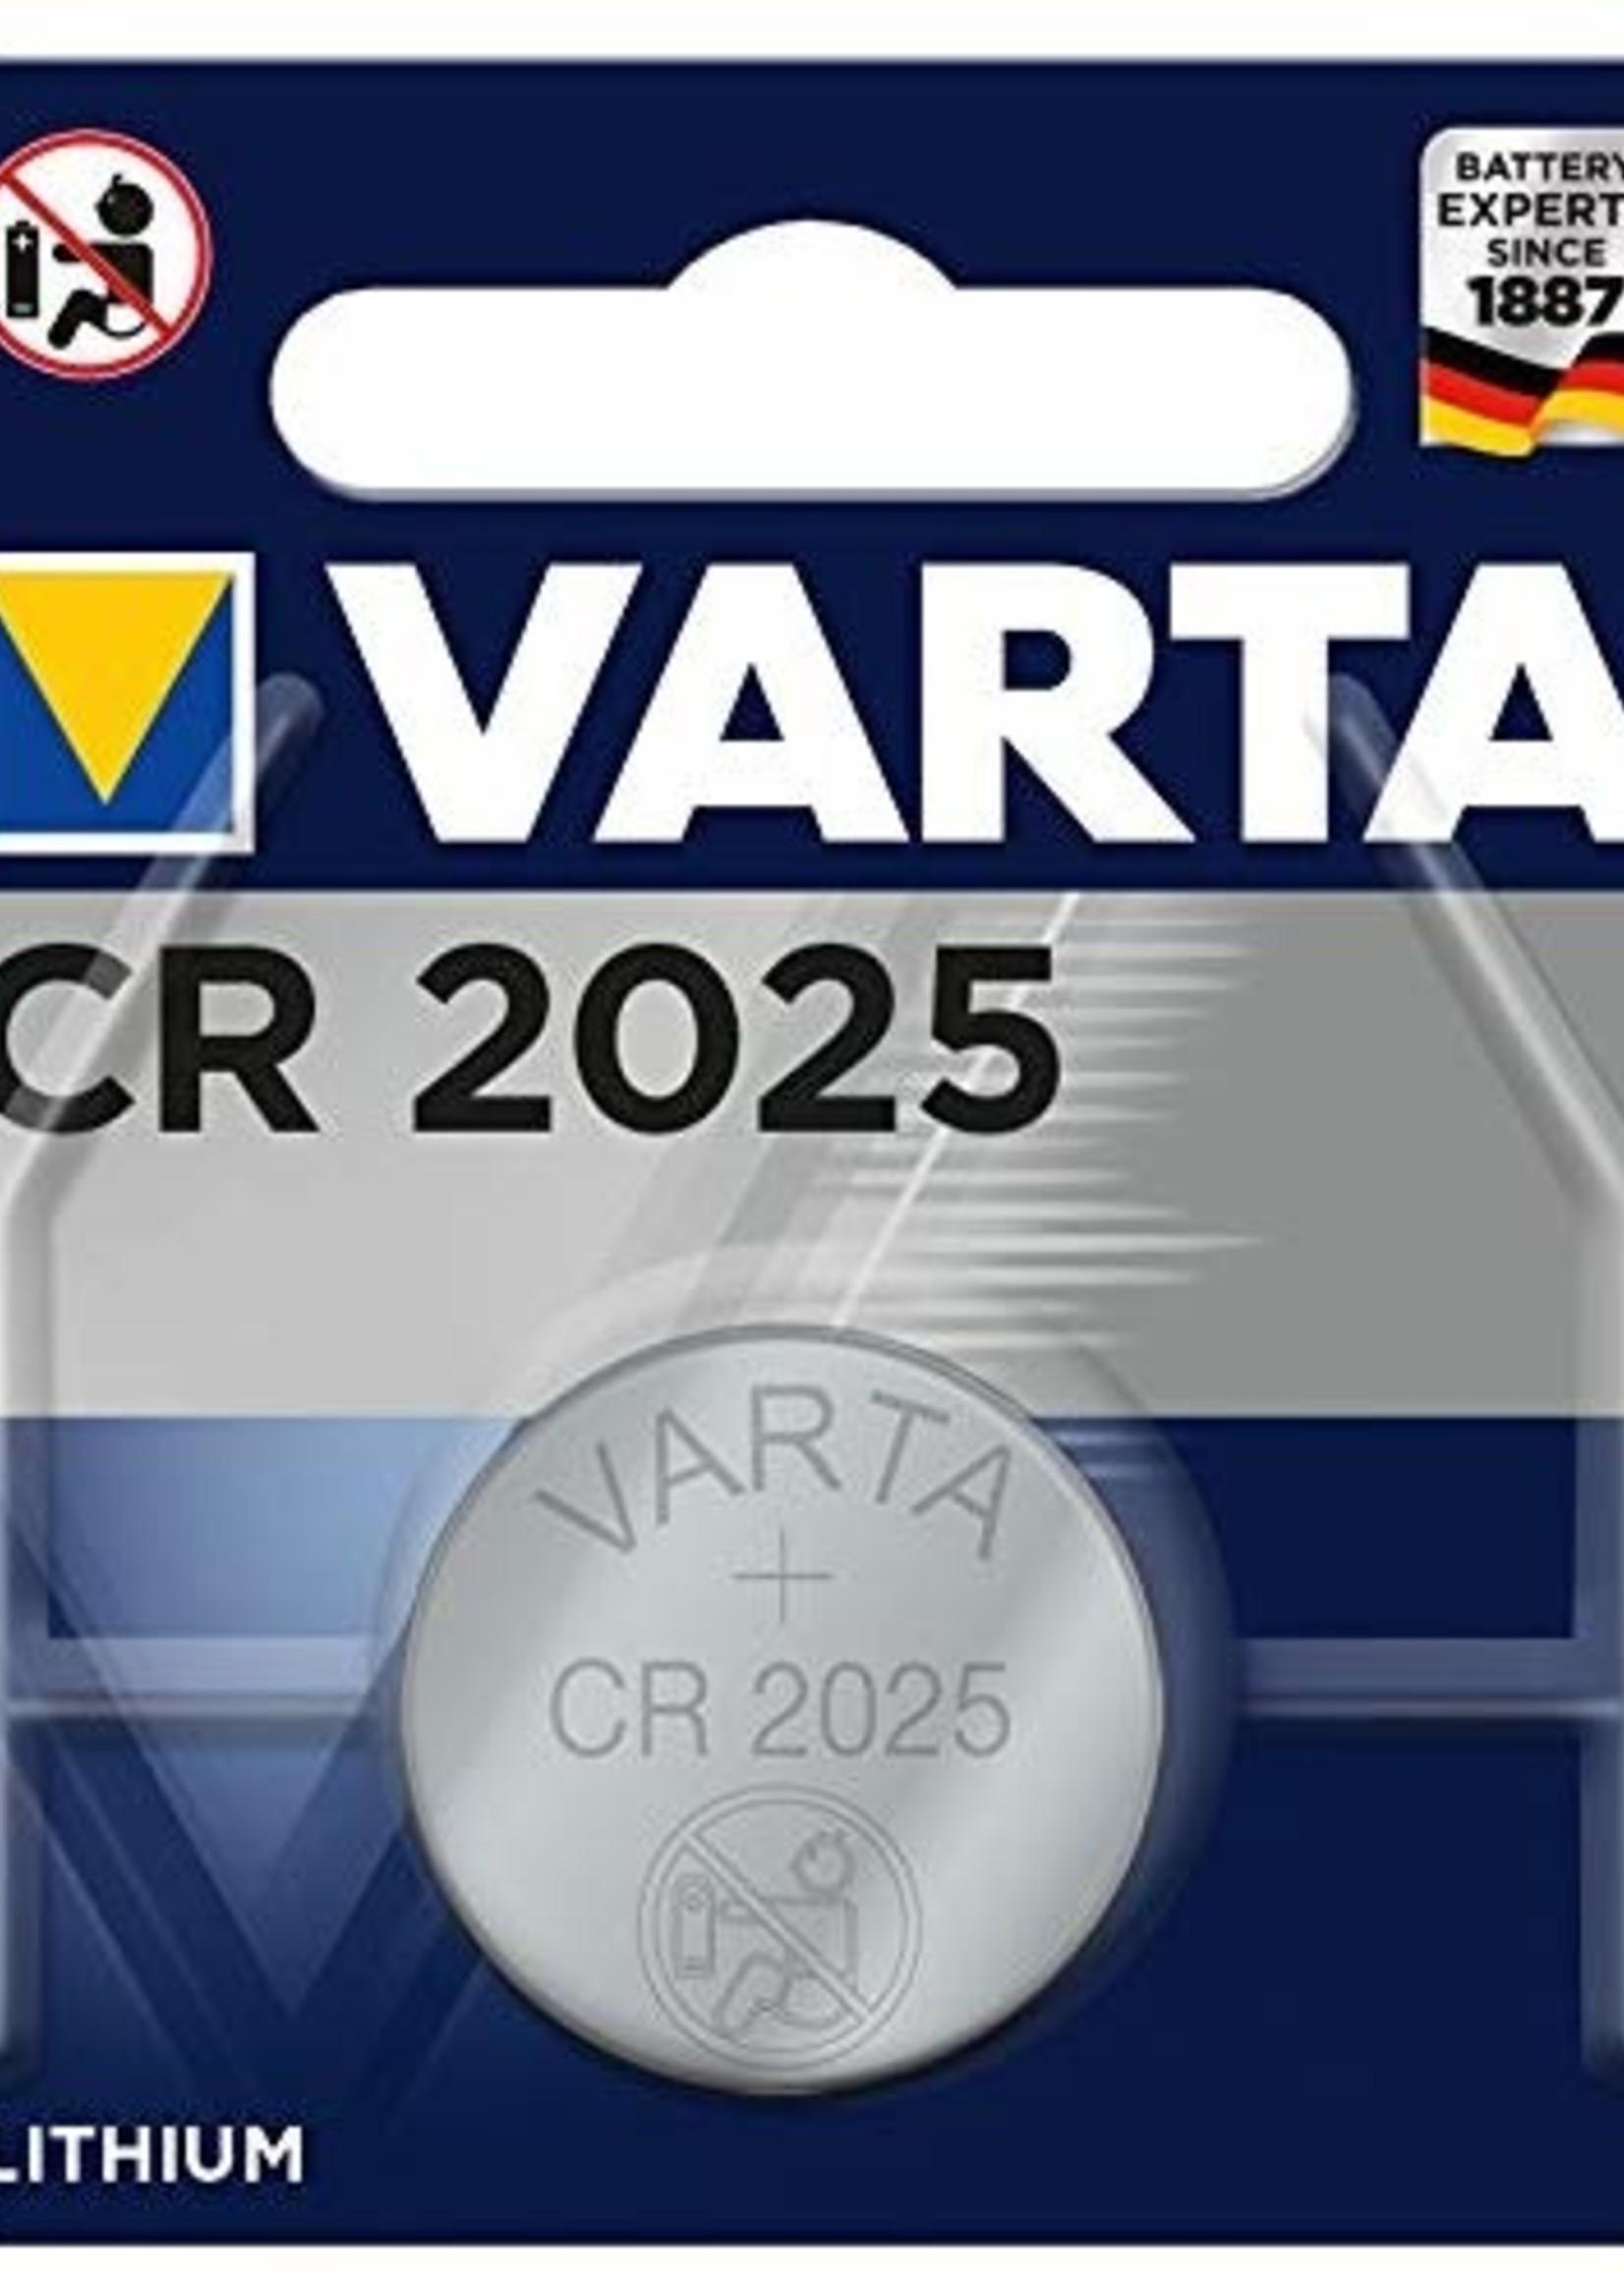 Varta Varta CR2025 - 2021